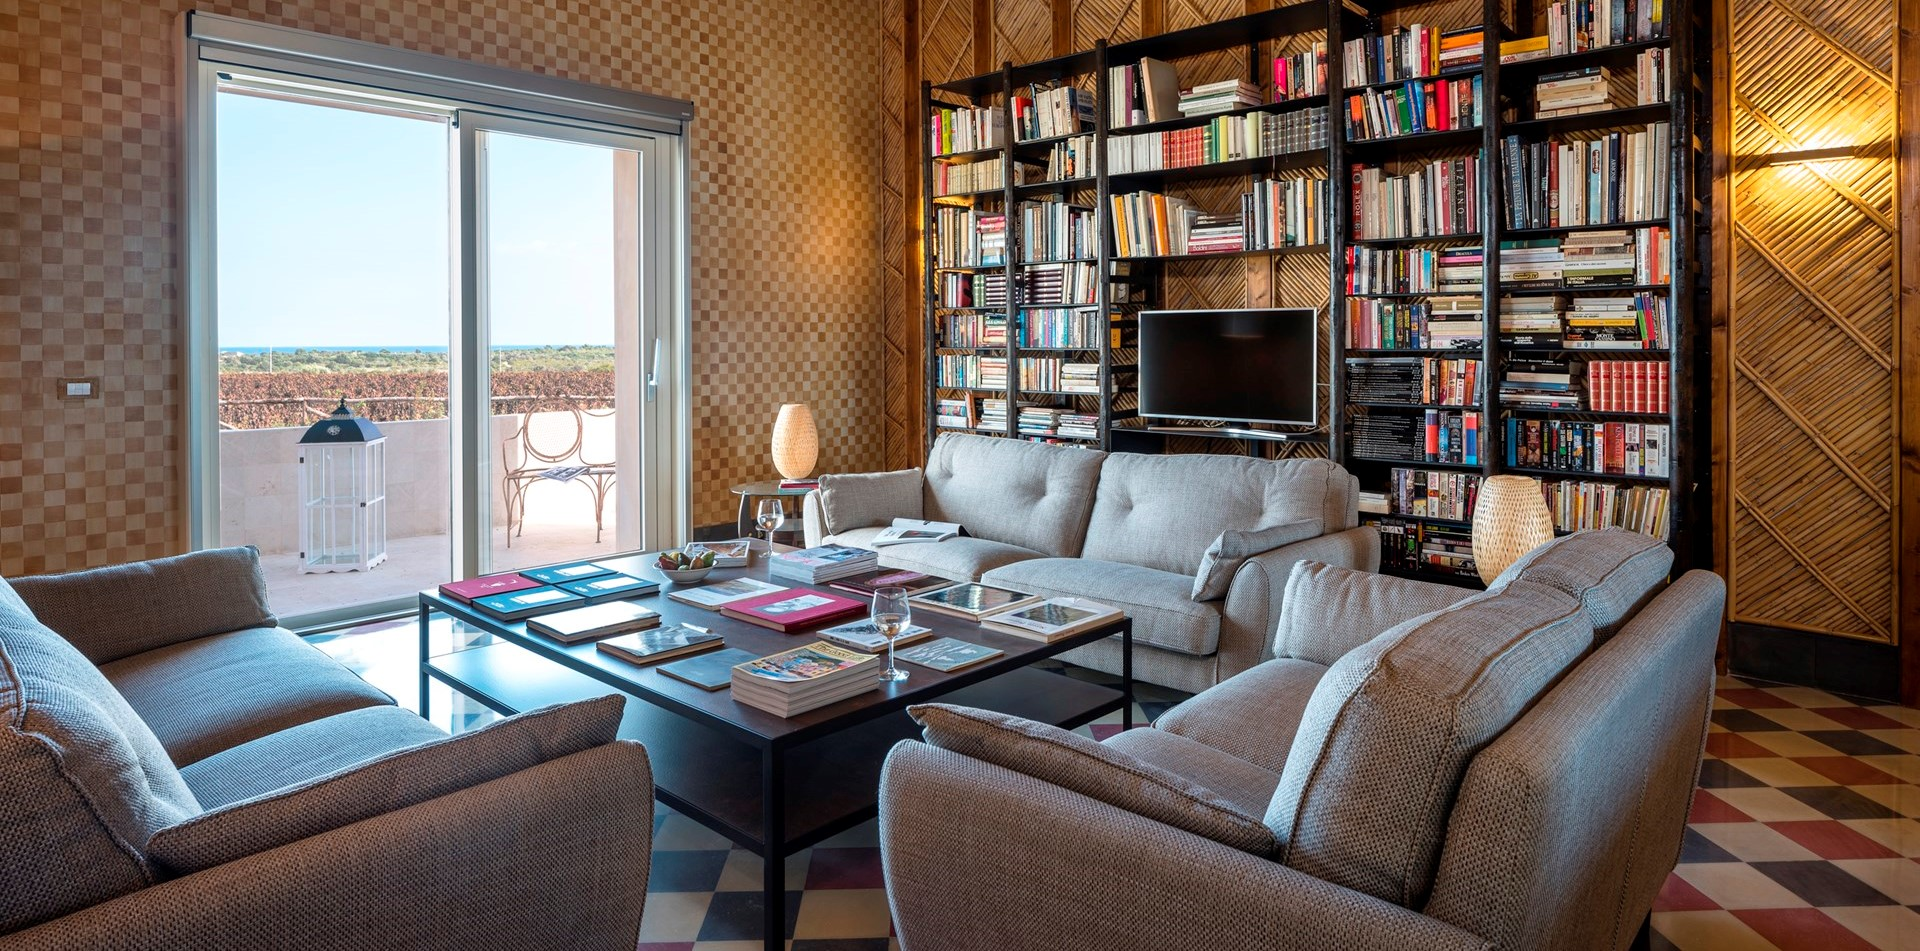 villa-dell-aquila-library